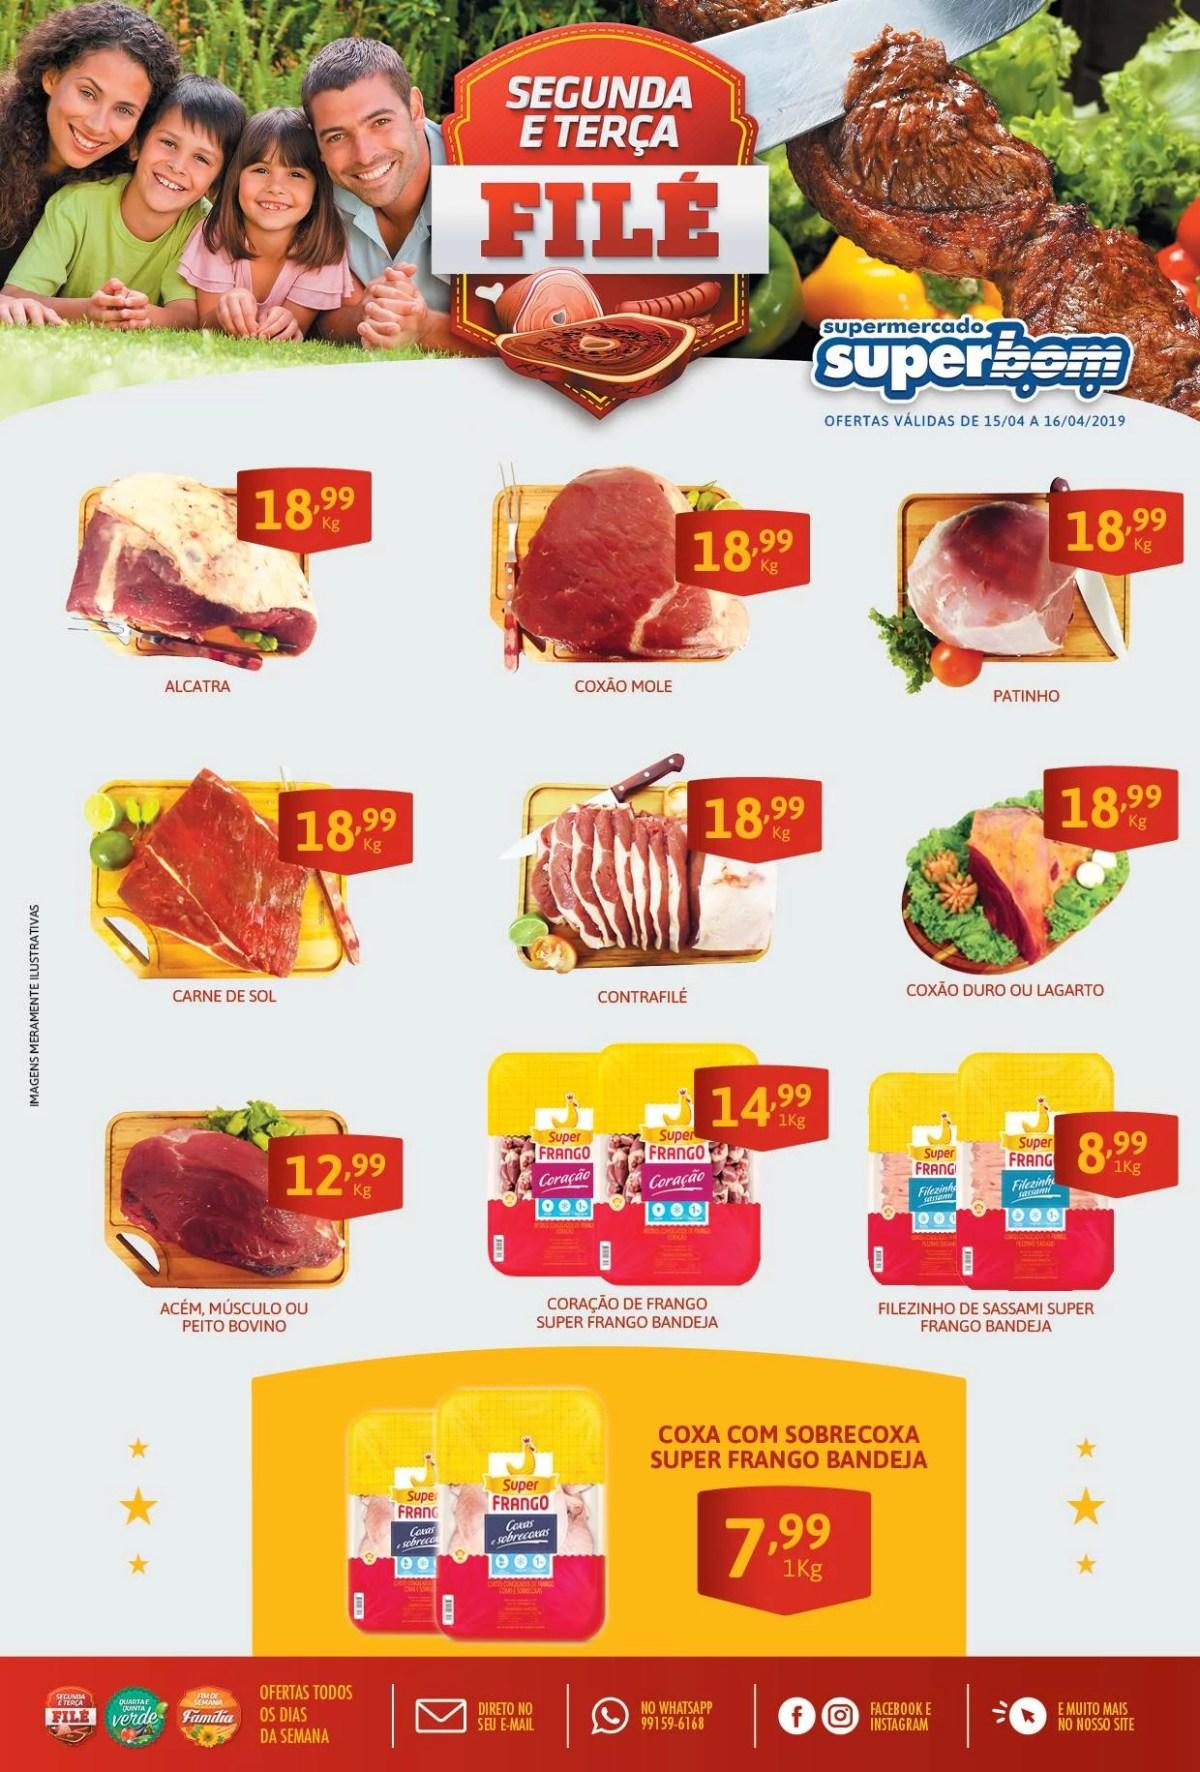 Ofertas Supermercado SuperBom78